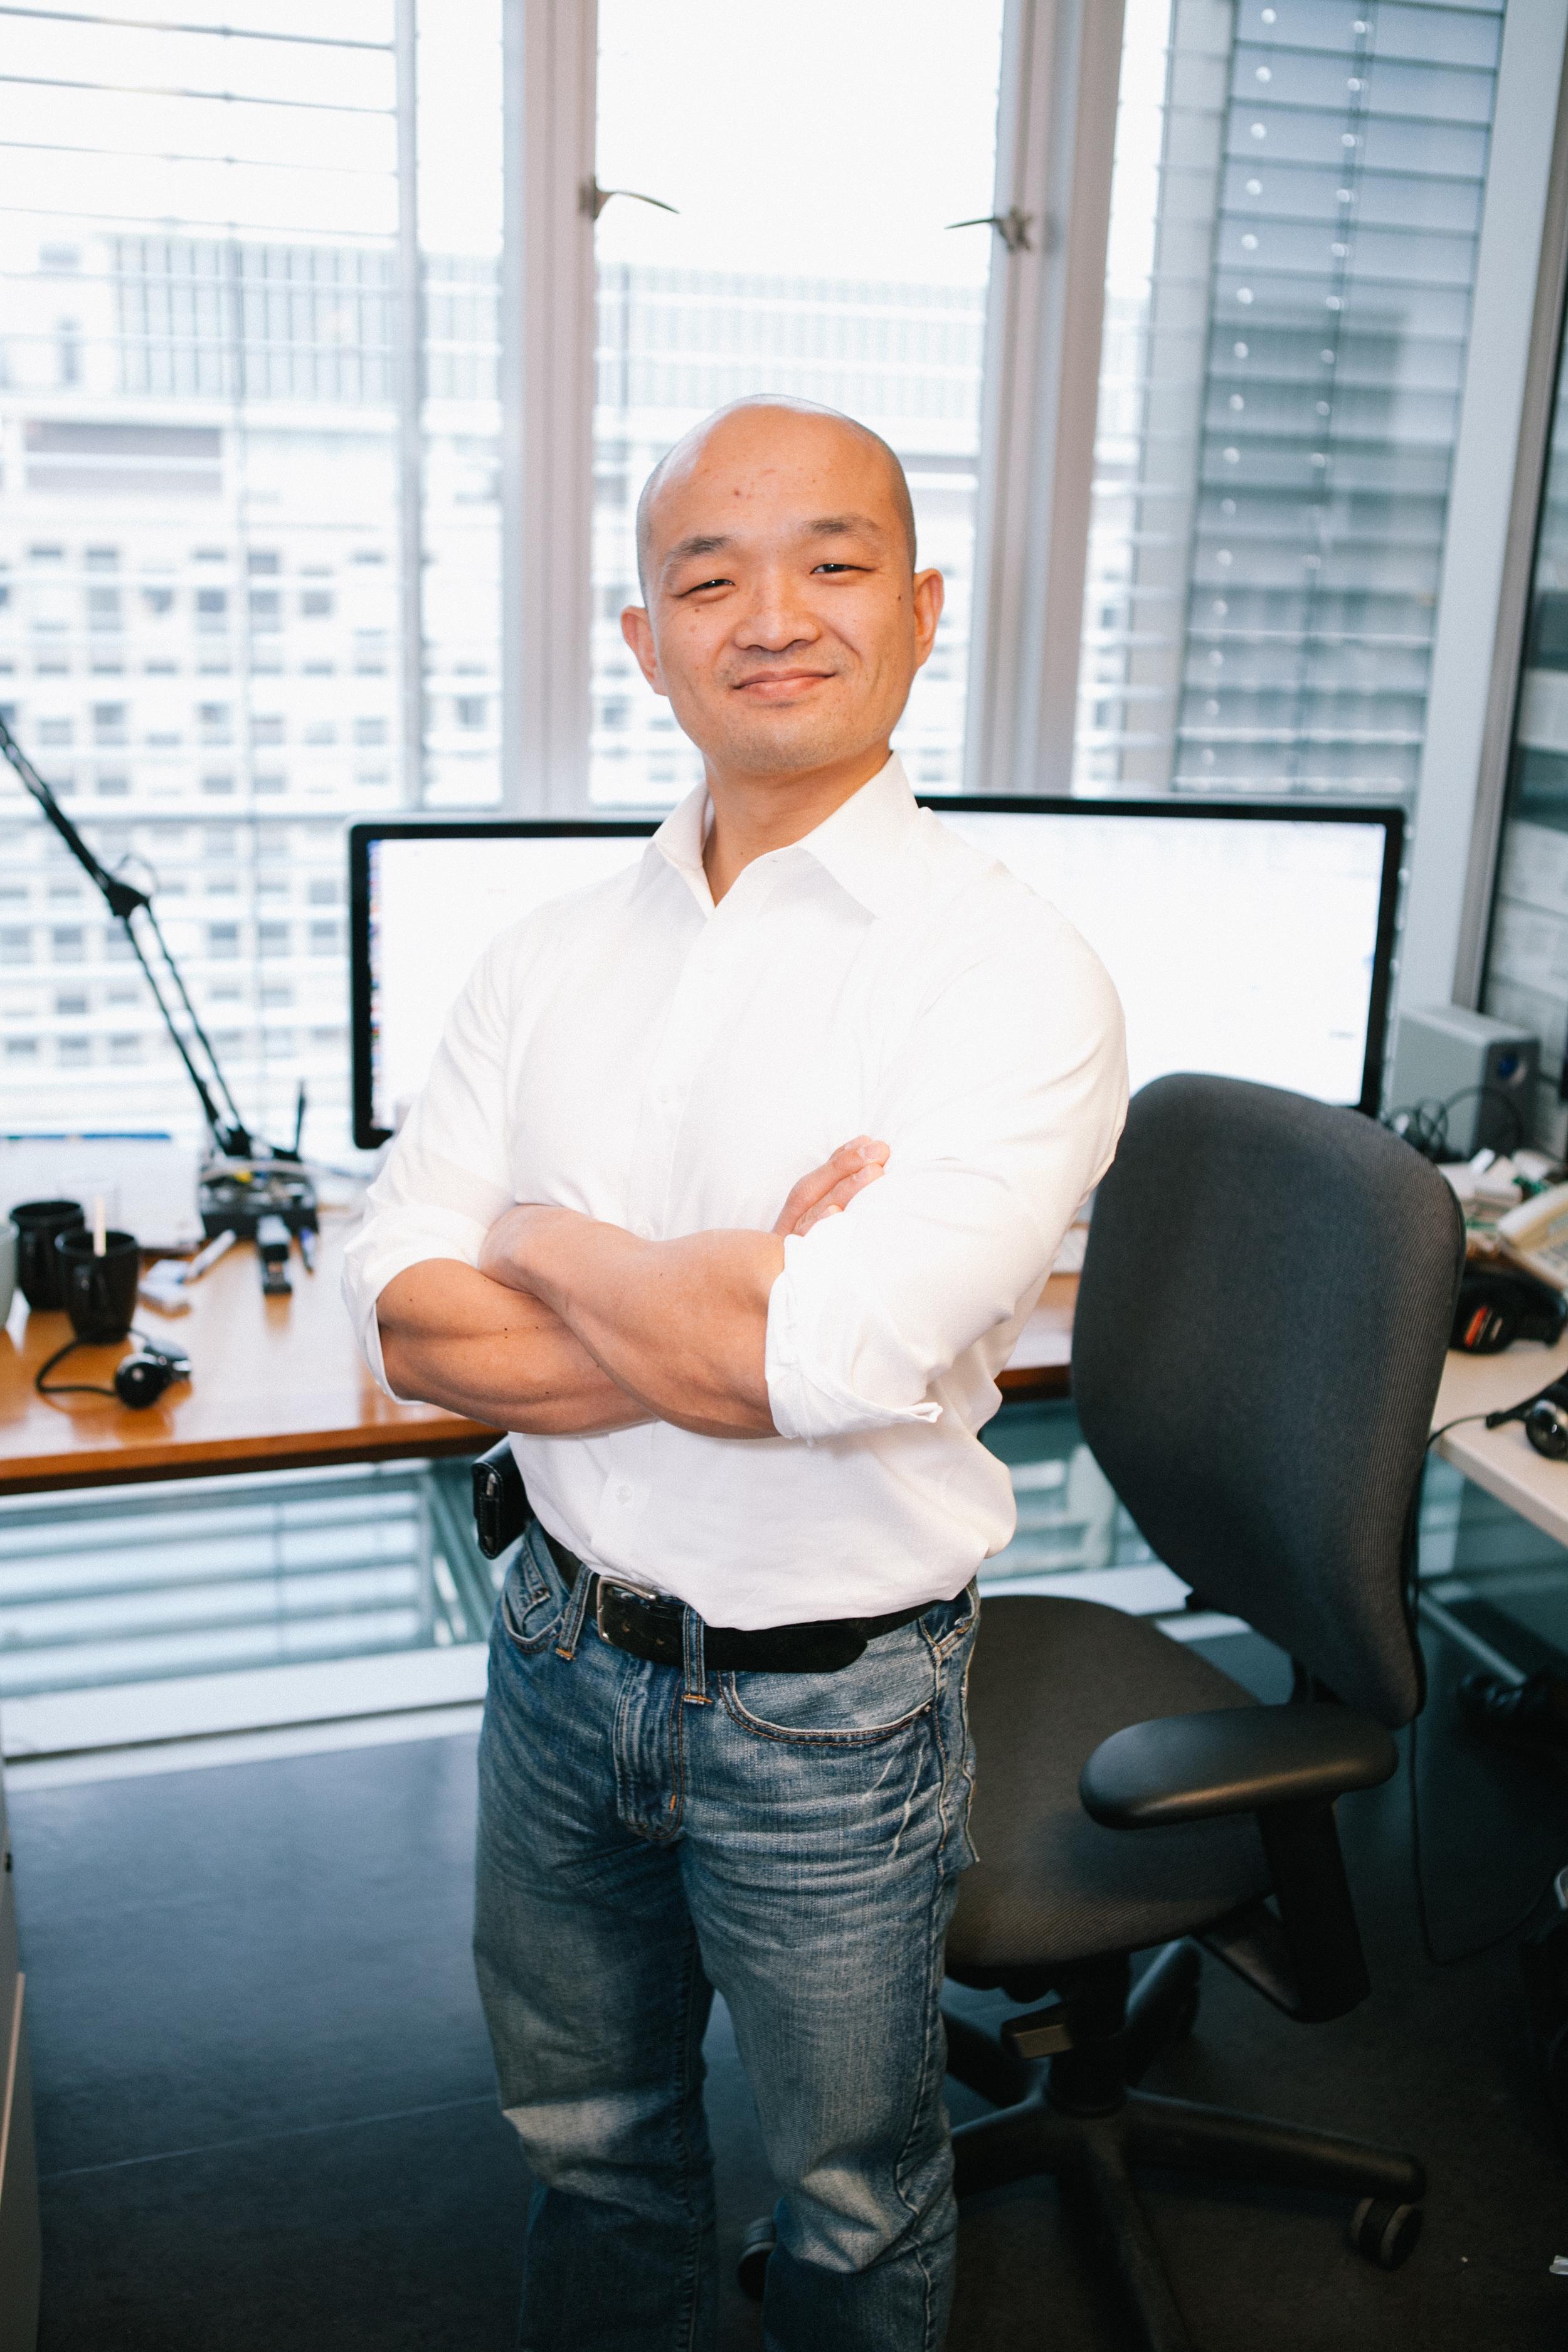 Dr. Philip Kim